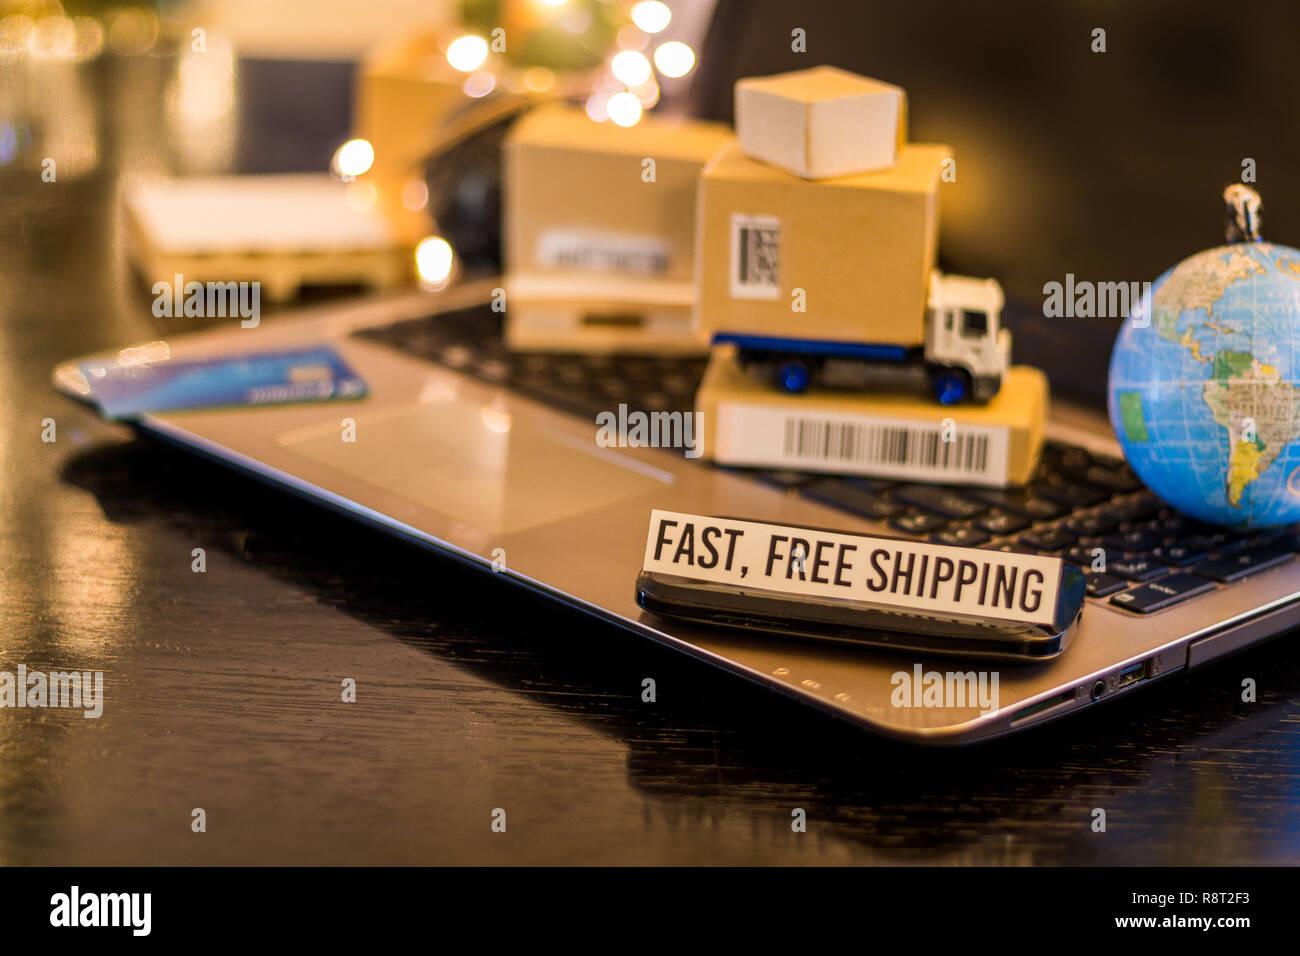 Rápido envío gratis - bodegón logística concepto de negocios con ordenador portátil, teléfono, mini cajas de envío Foto de stock